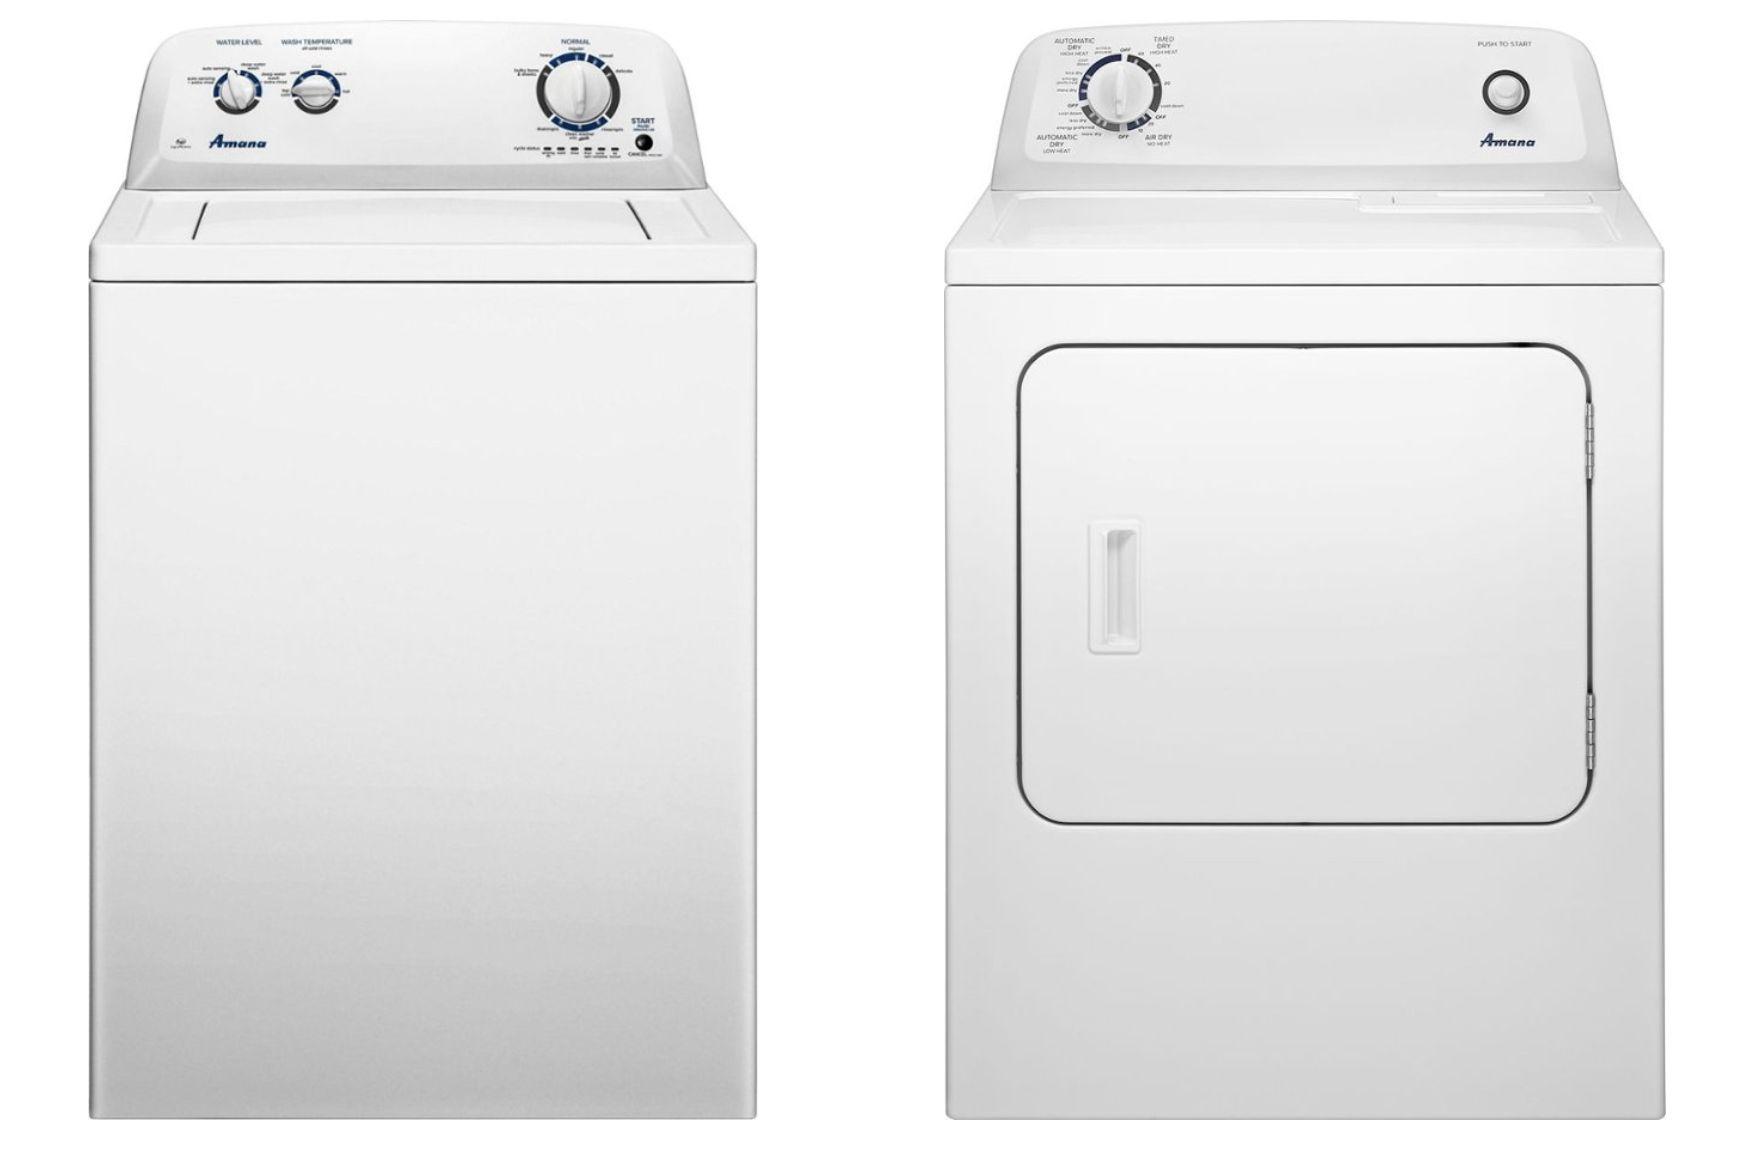 Amana NTW4516FW Washer and NED4655EW Dryer Bundle